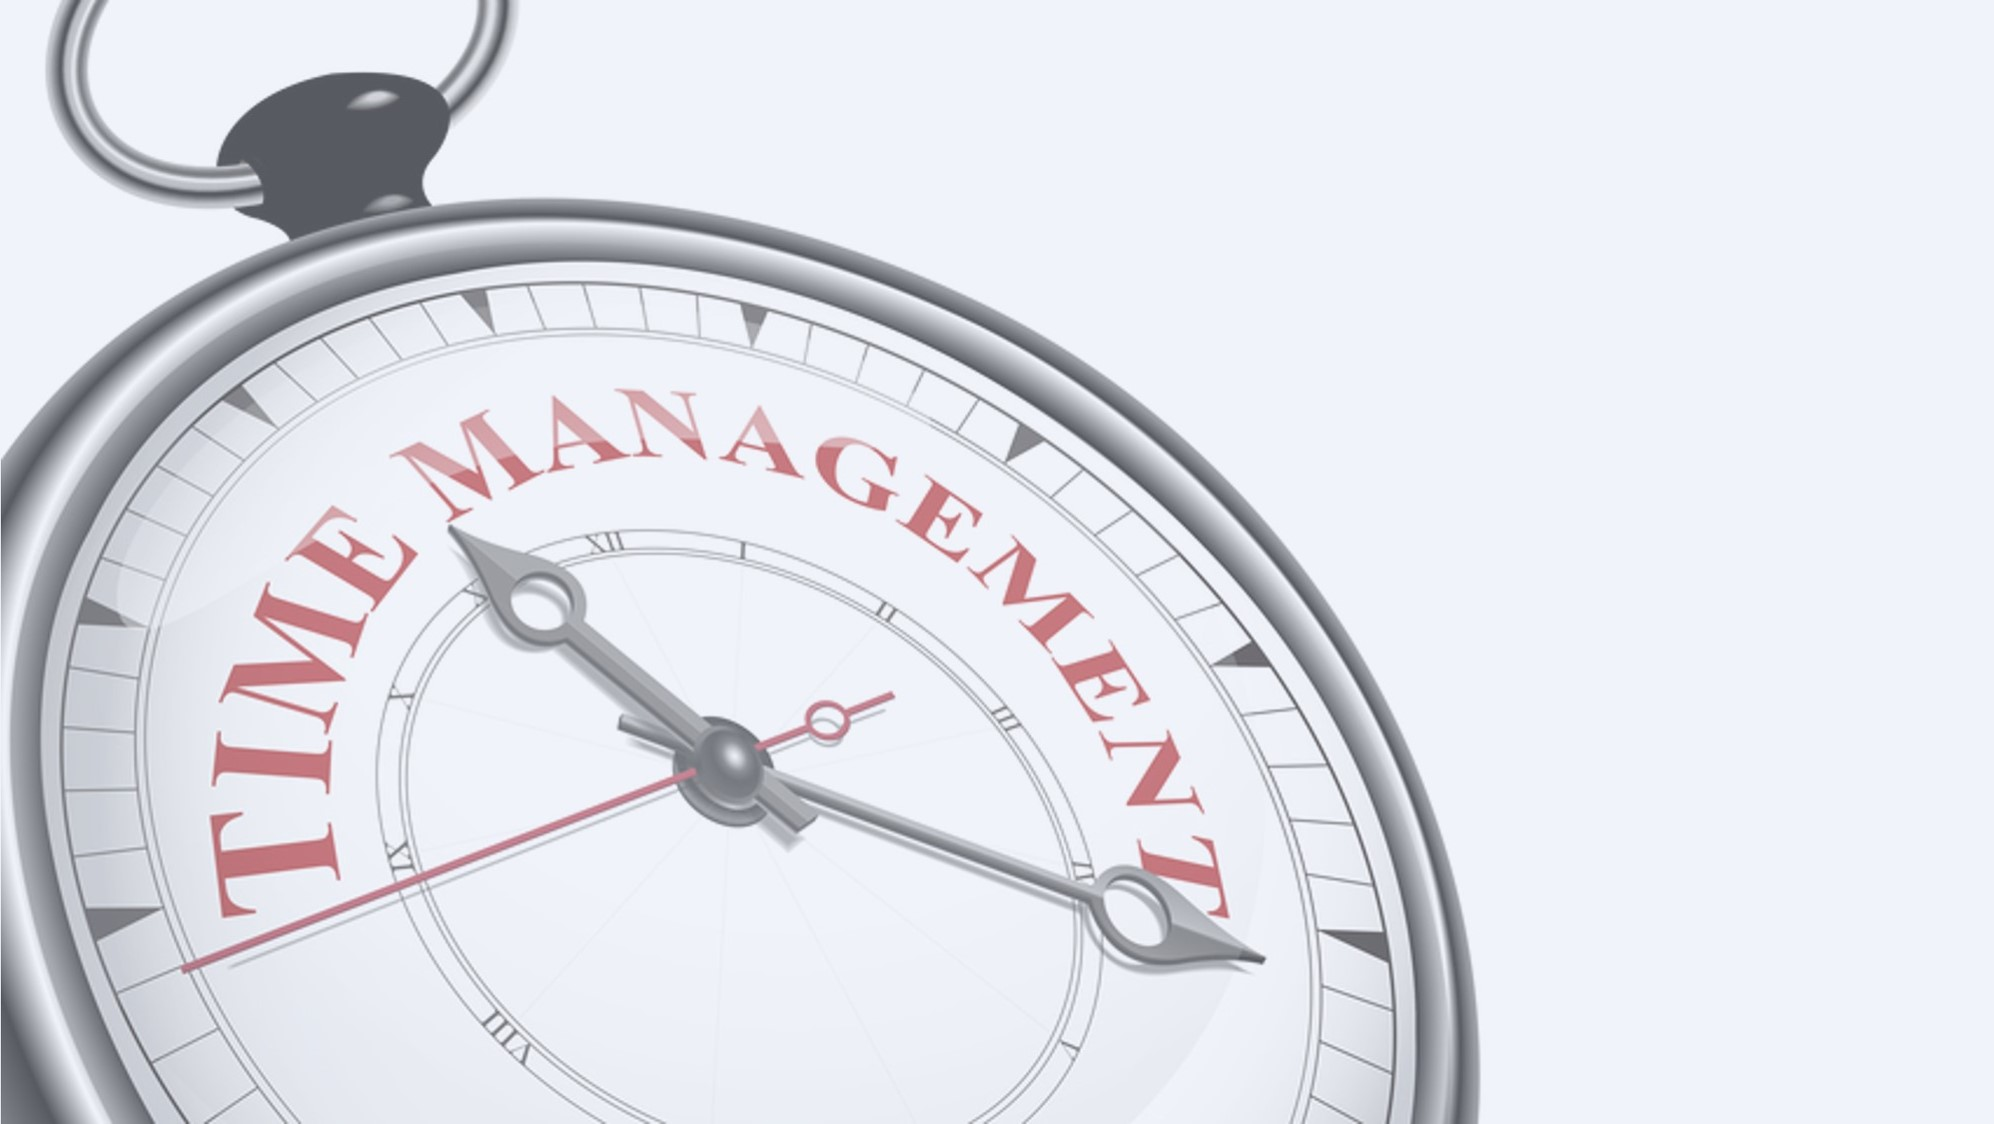 業績アップの秘訣は「緊急ではない」×「重要」なタスクを大切にすること